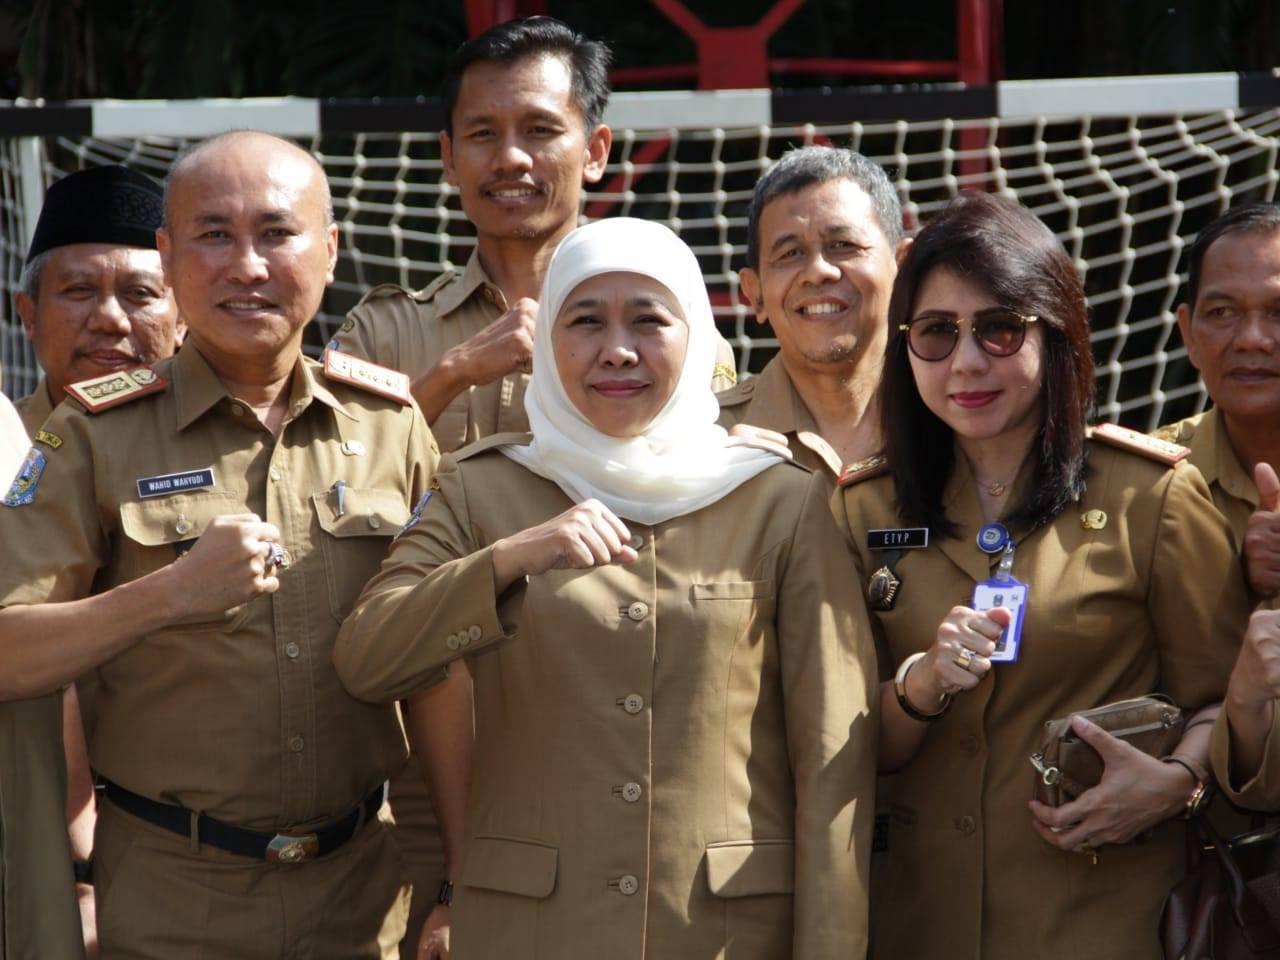 Gubernur Jawa Timur Ibu Khofifah Indar Parawansa melakukan peninjauan pelaksanaan Ujian Satuan Pendidikan Berbasis Komputer/Laptop dan Smartphone (USP-BKS) di SMA Negeri 6 Surabaya